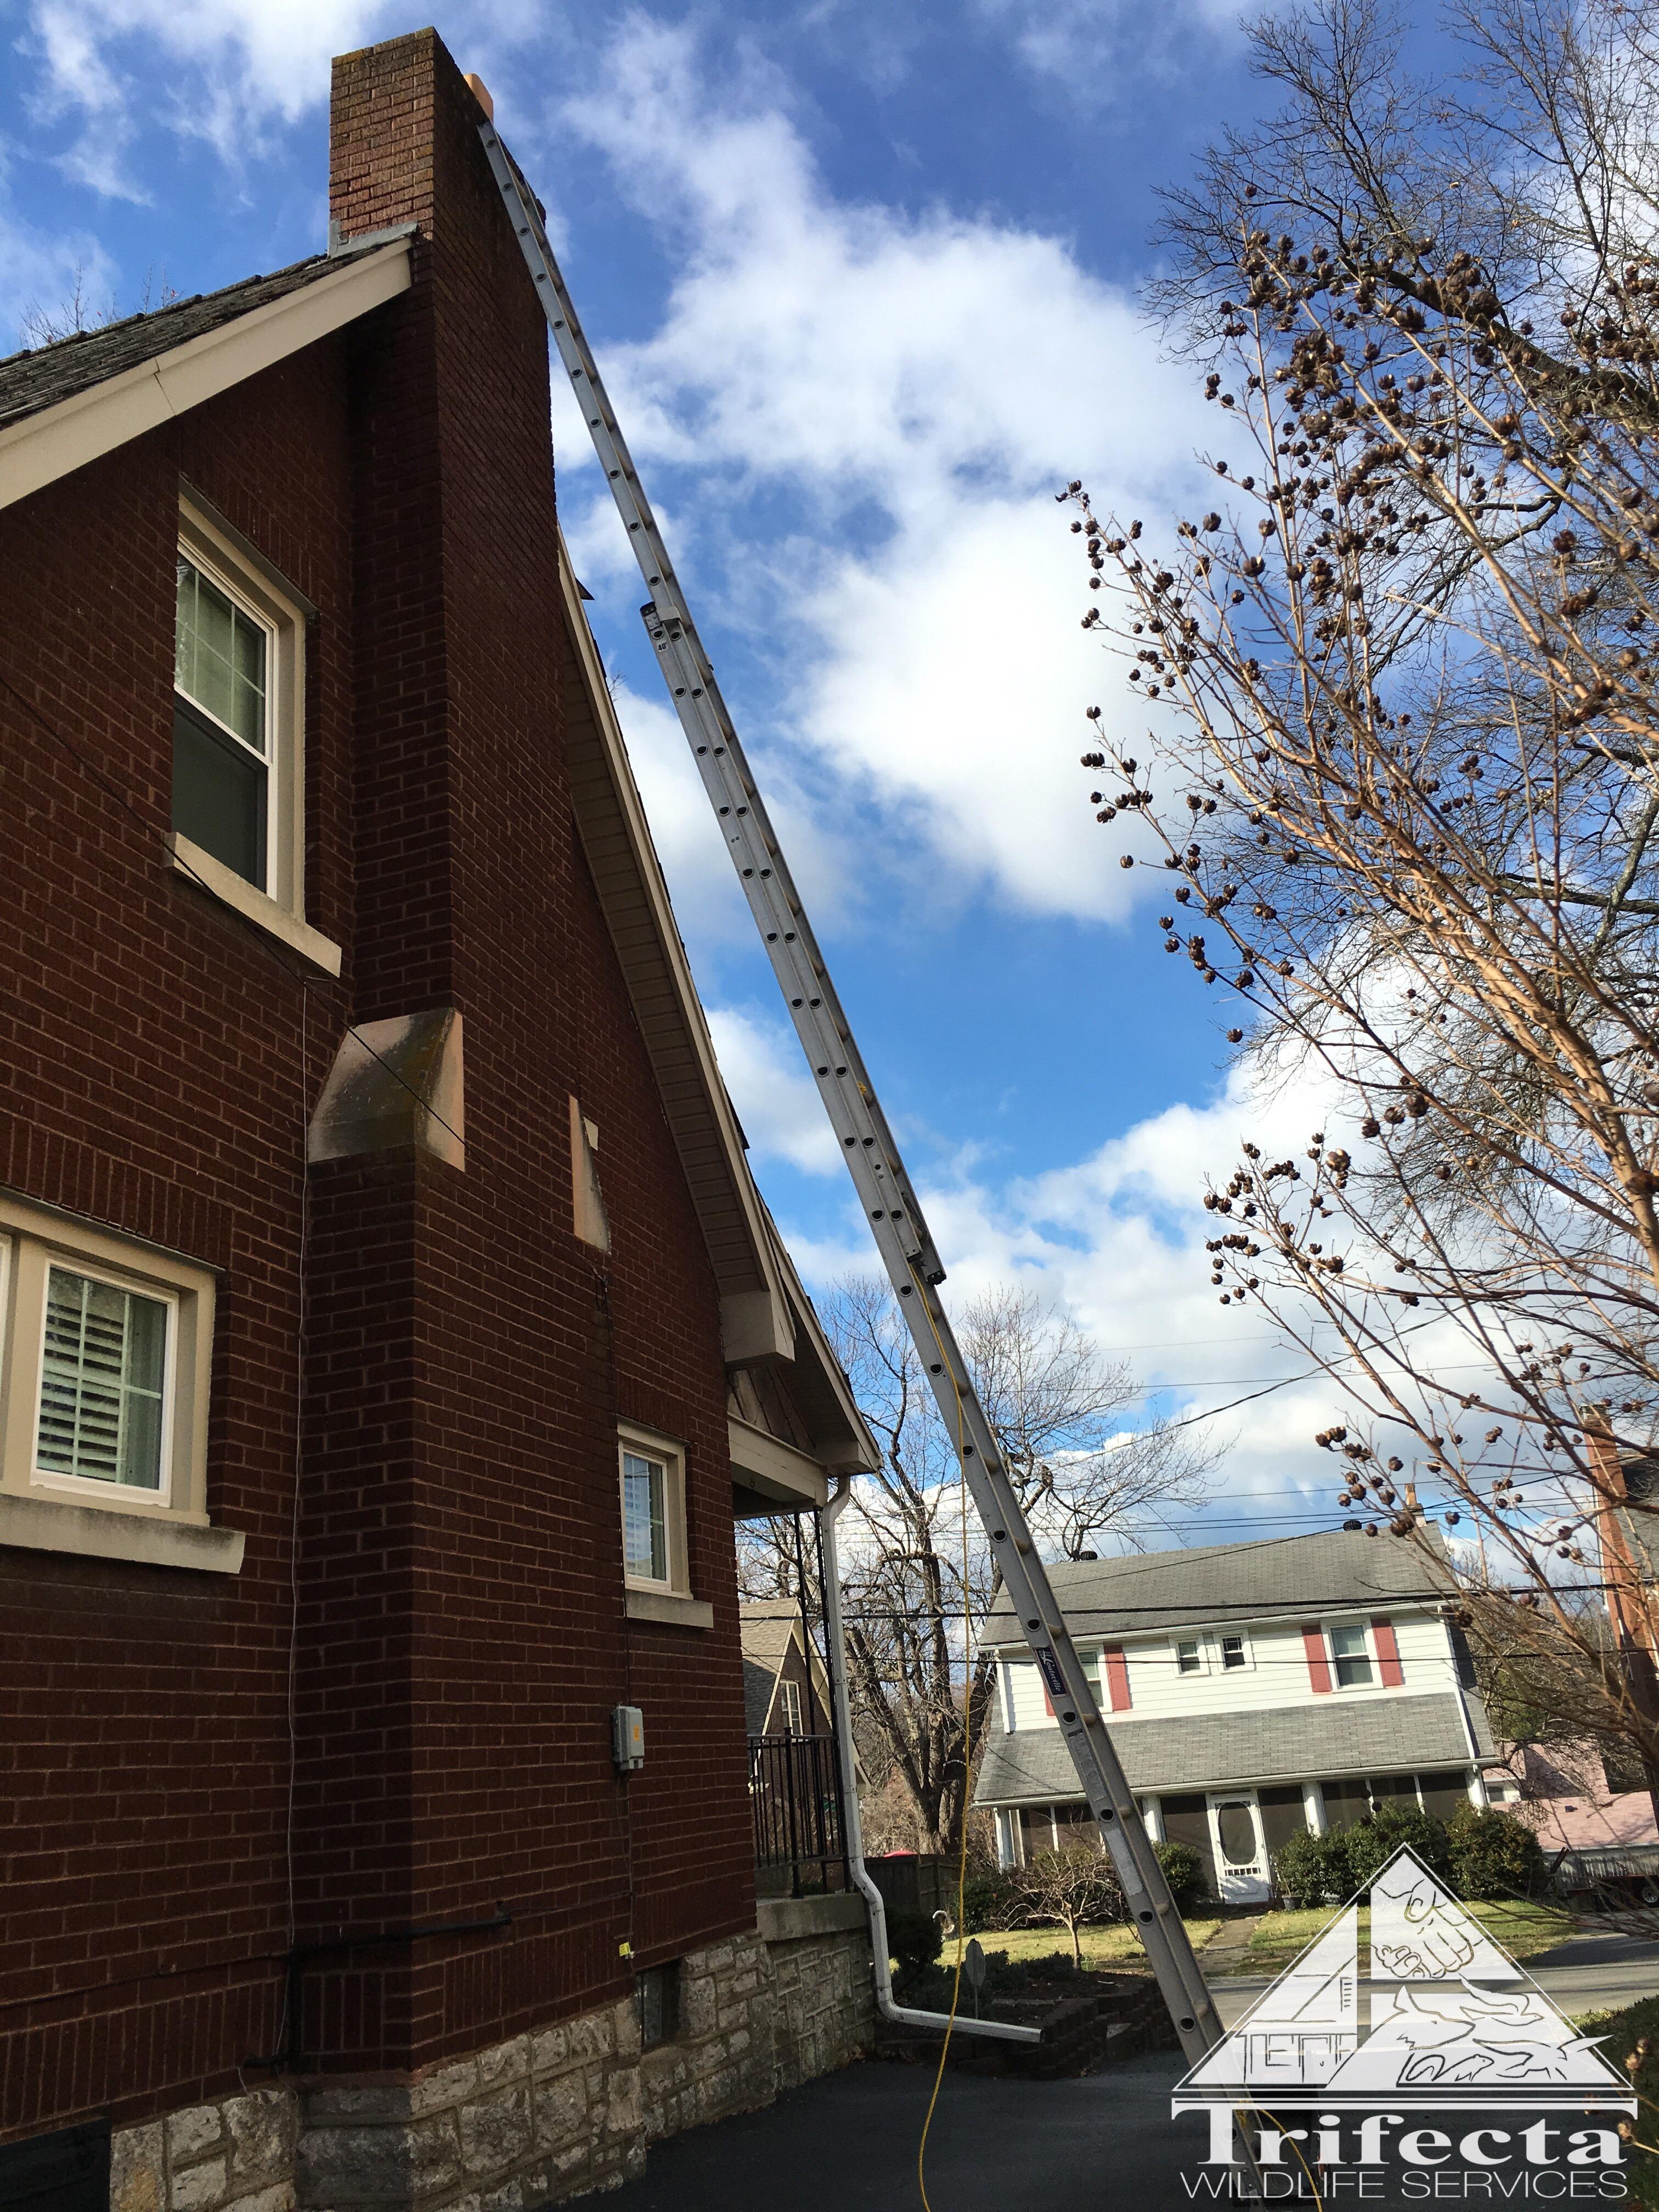 Lexington KY home where a raccoon had entered the chimney flue.